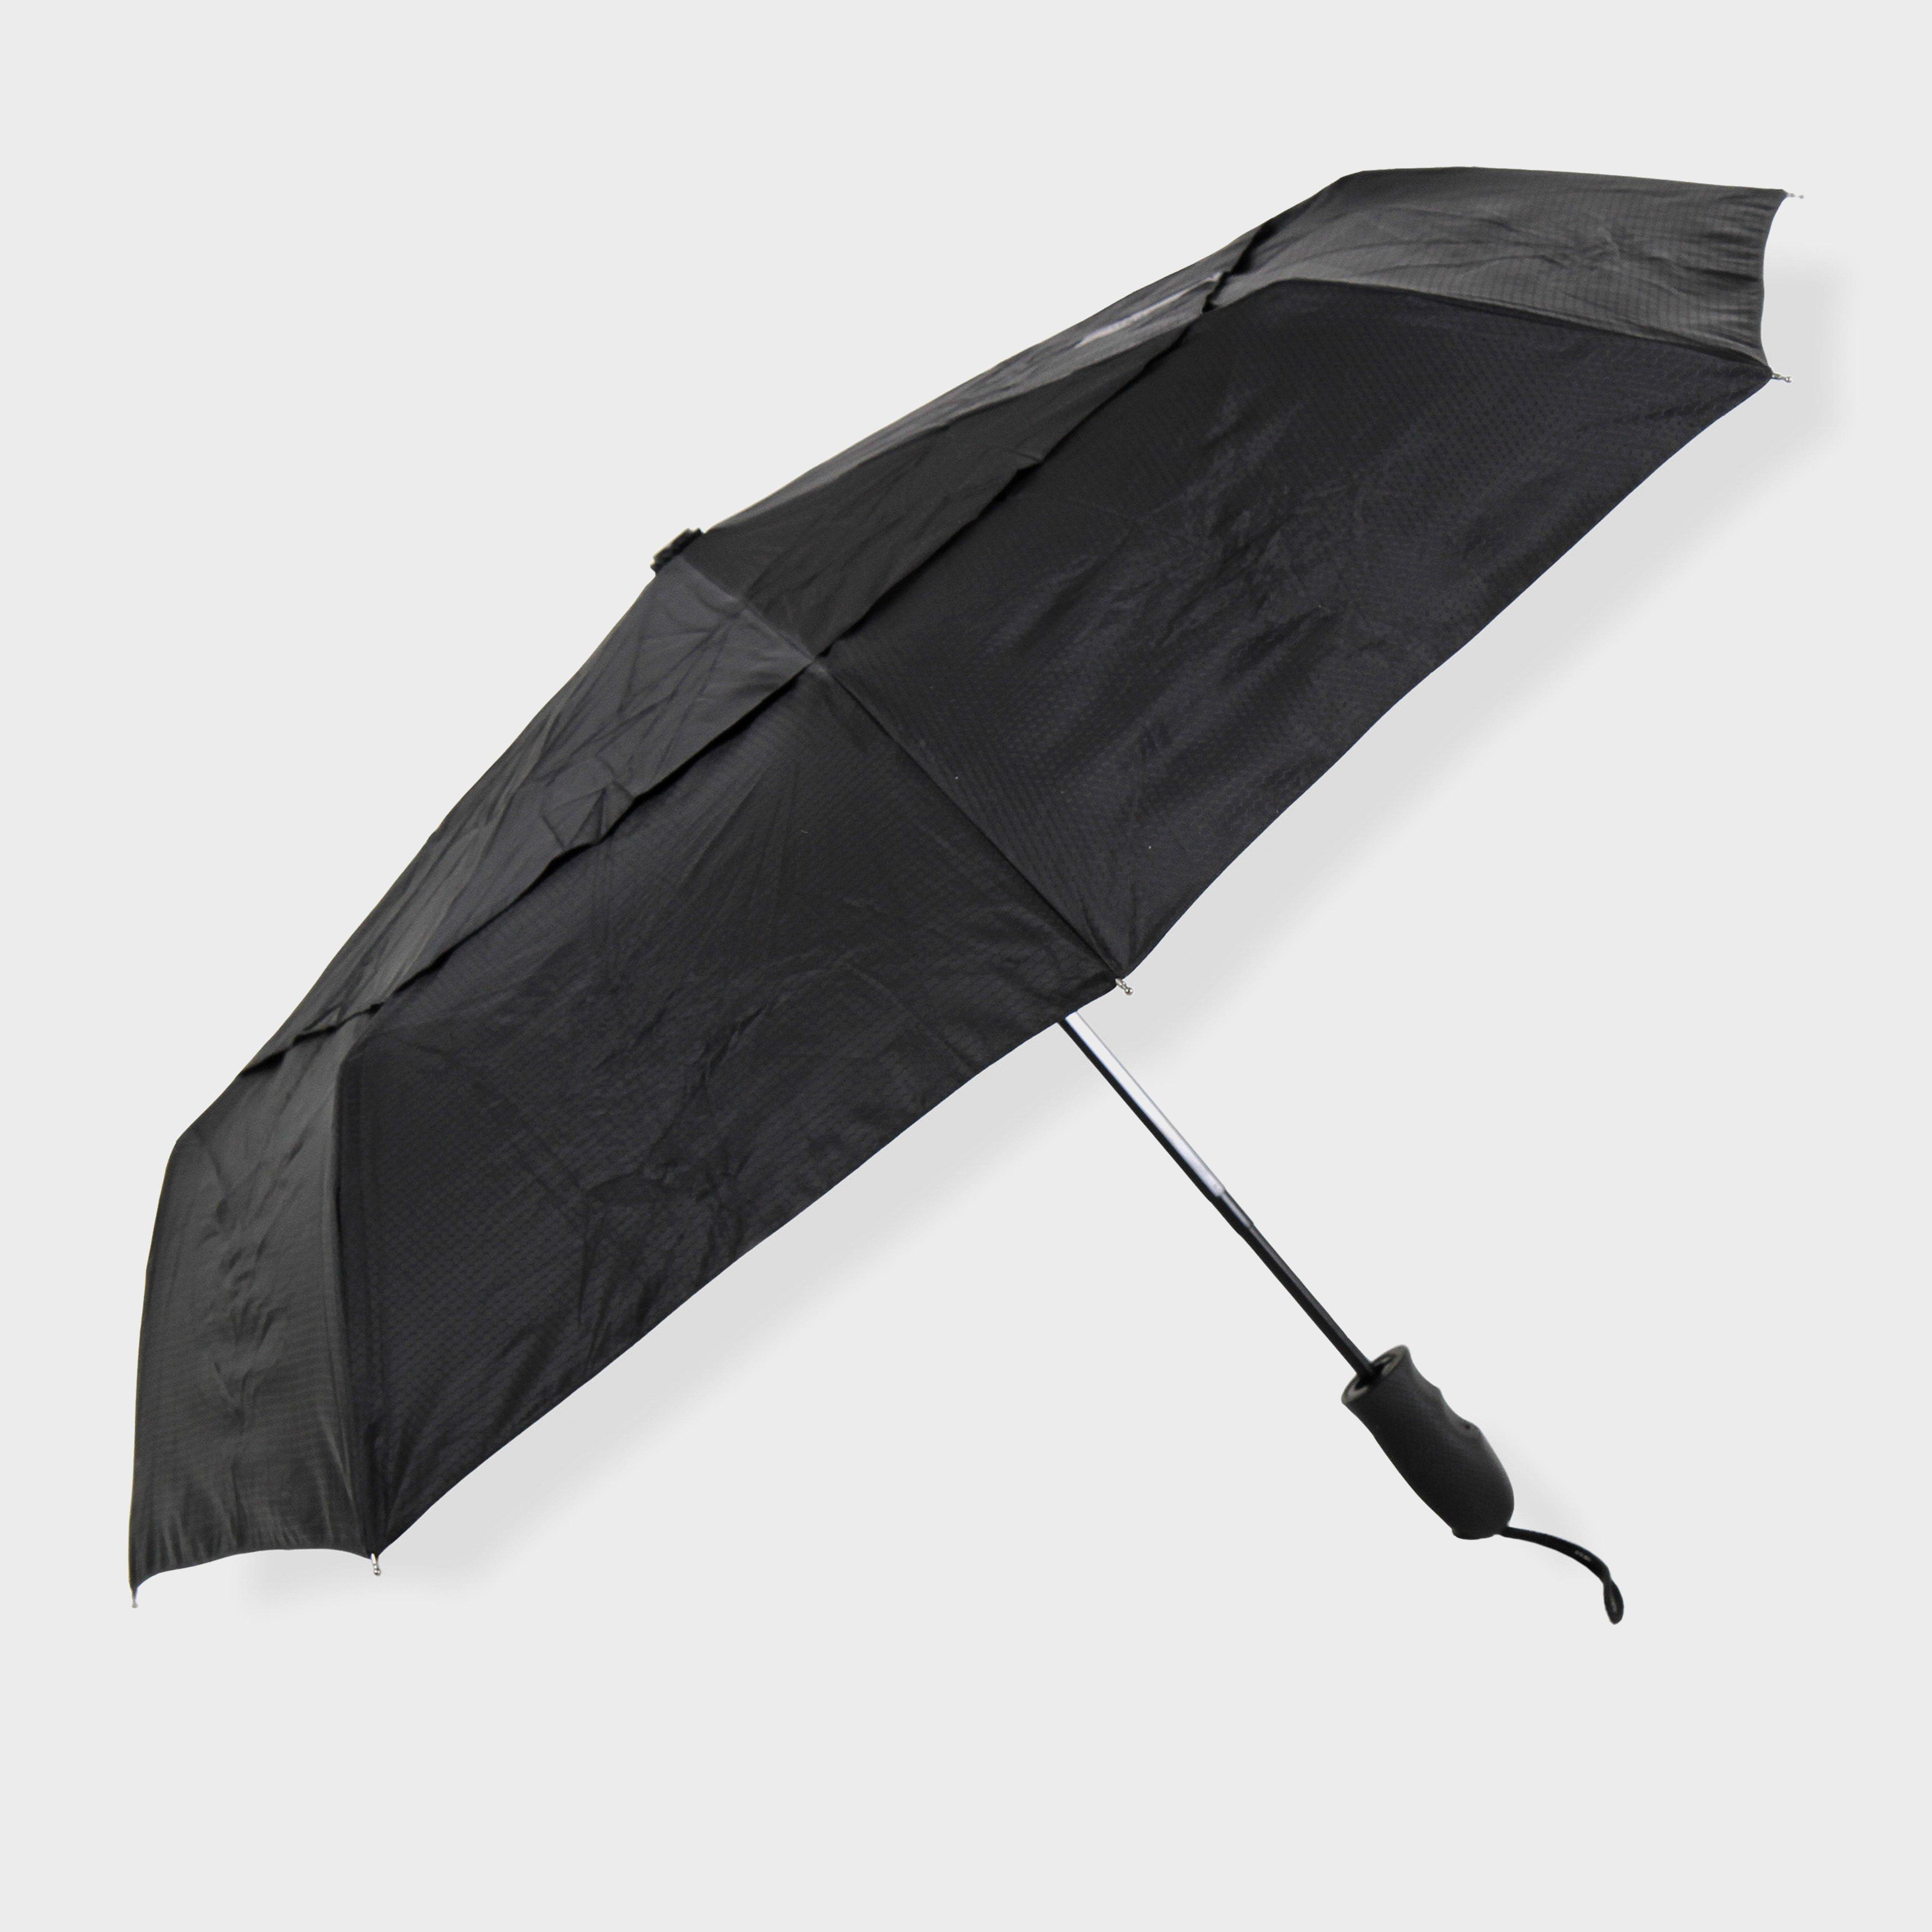 Lifeventure Lifeventure Trek Umbrella - Black, Black